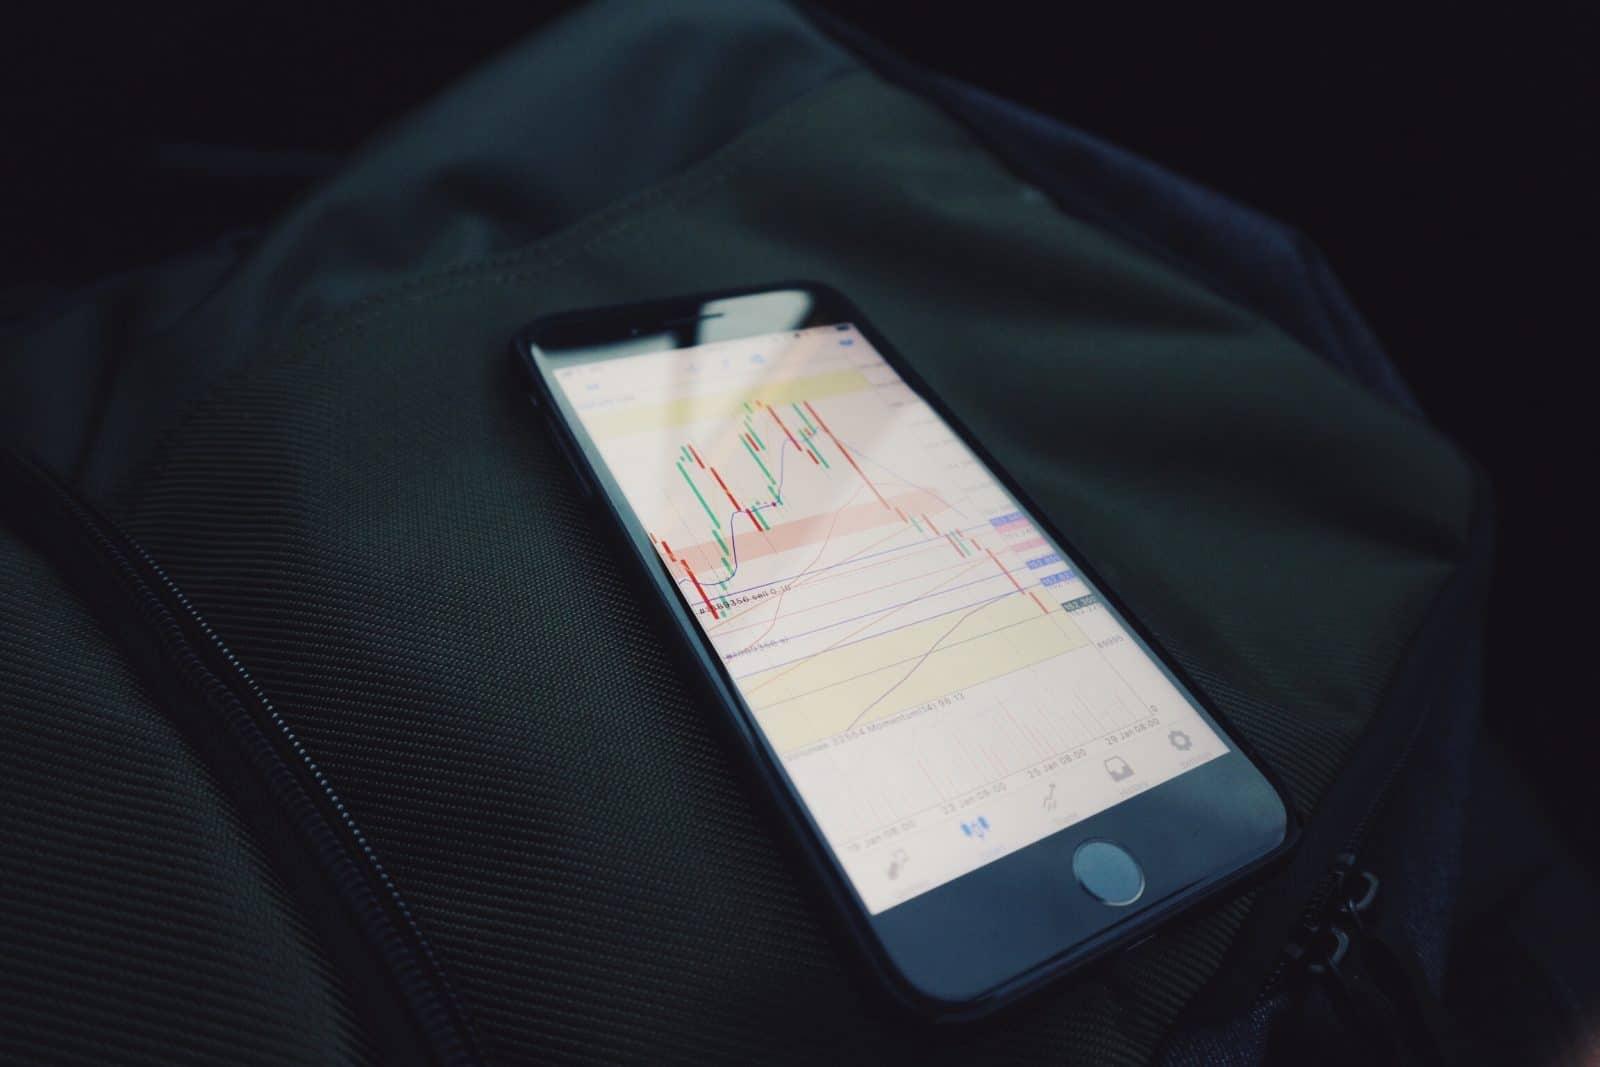 股票操作優先洞察主流股走勢